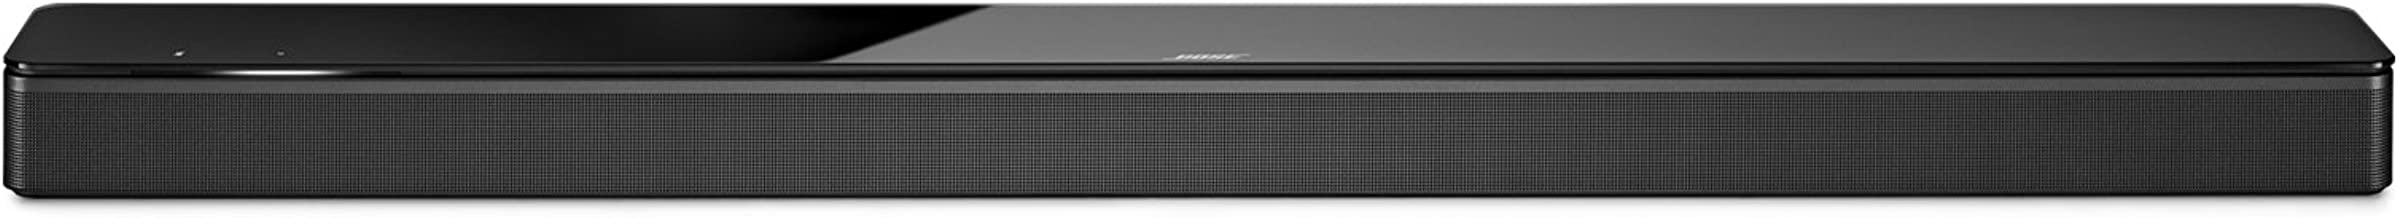 Bose Soundbar 700 con Alexa Voice Control Integrado, Negro